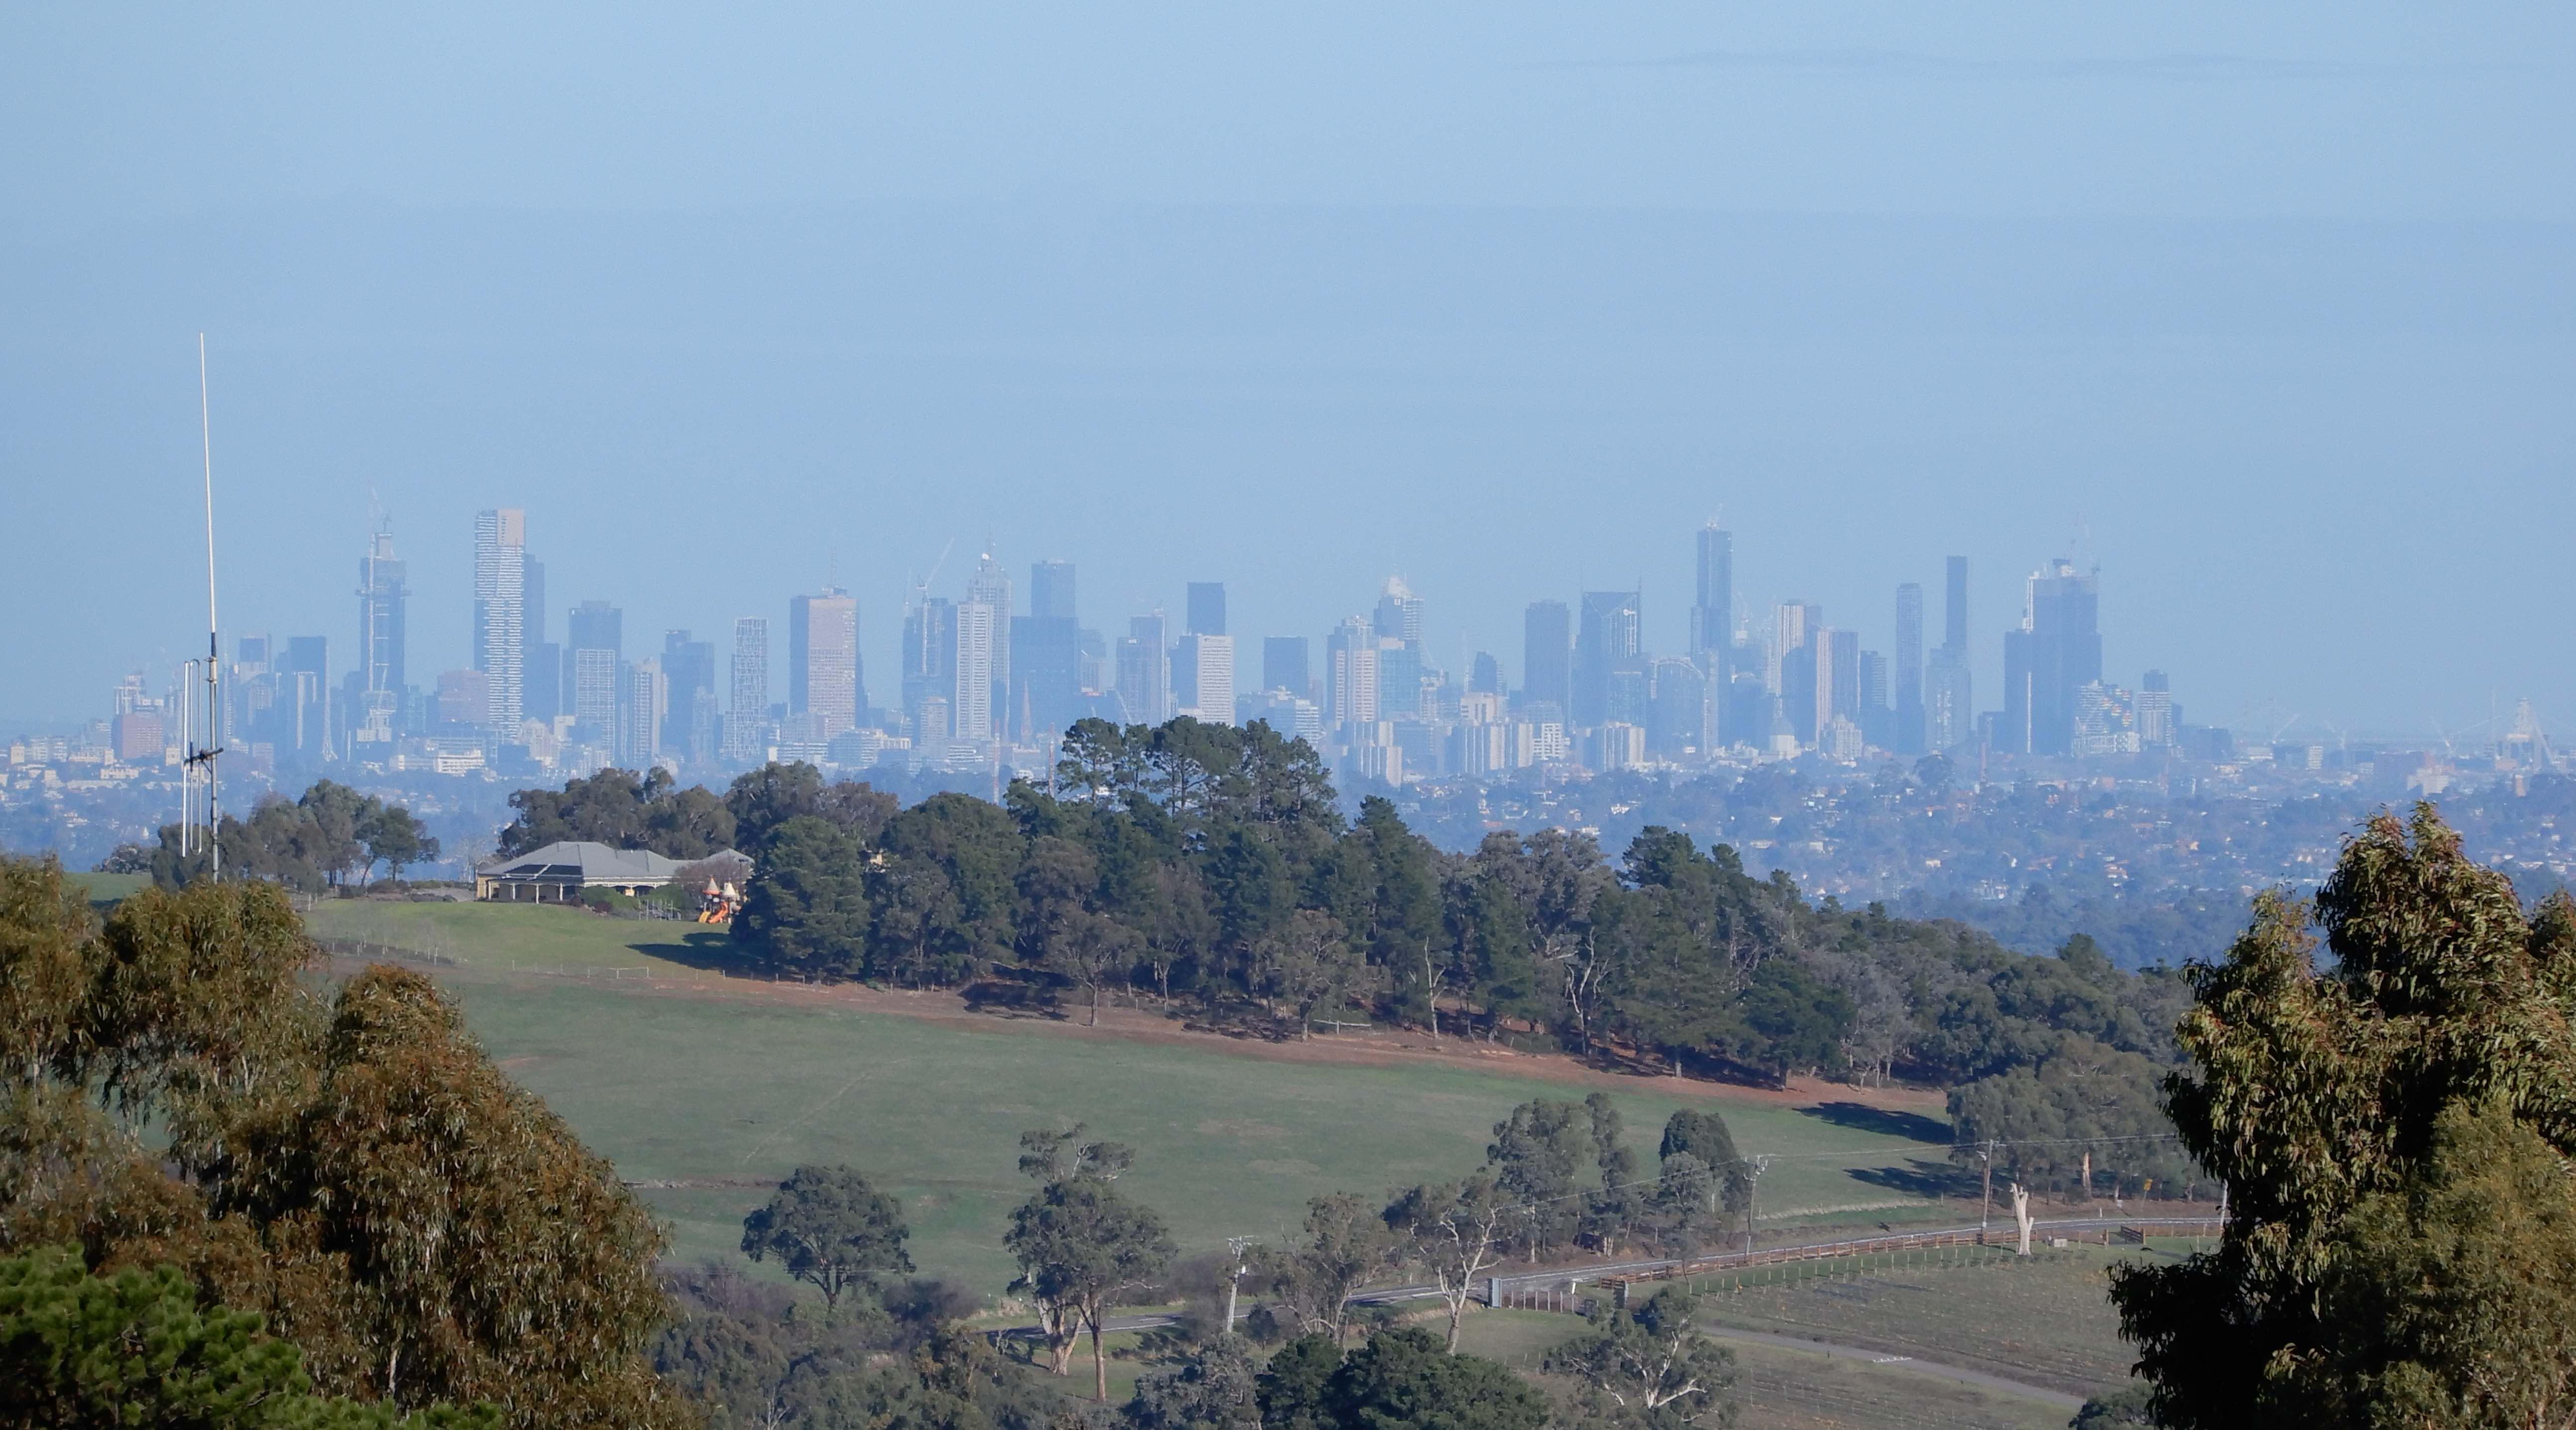 5.Melbourne city